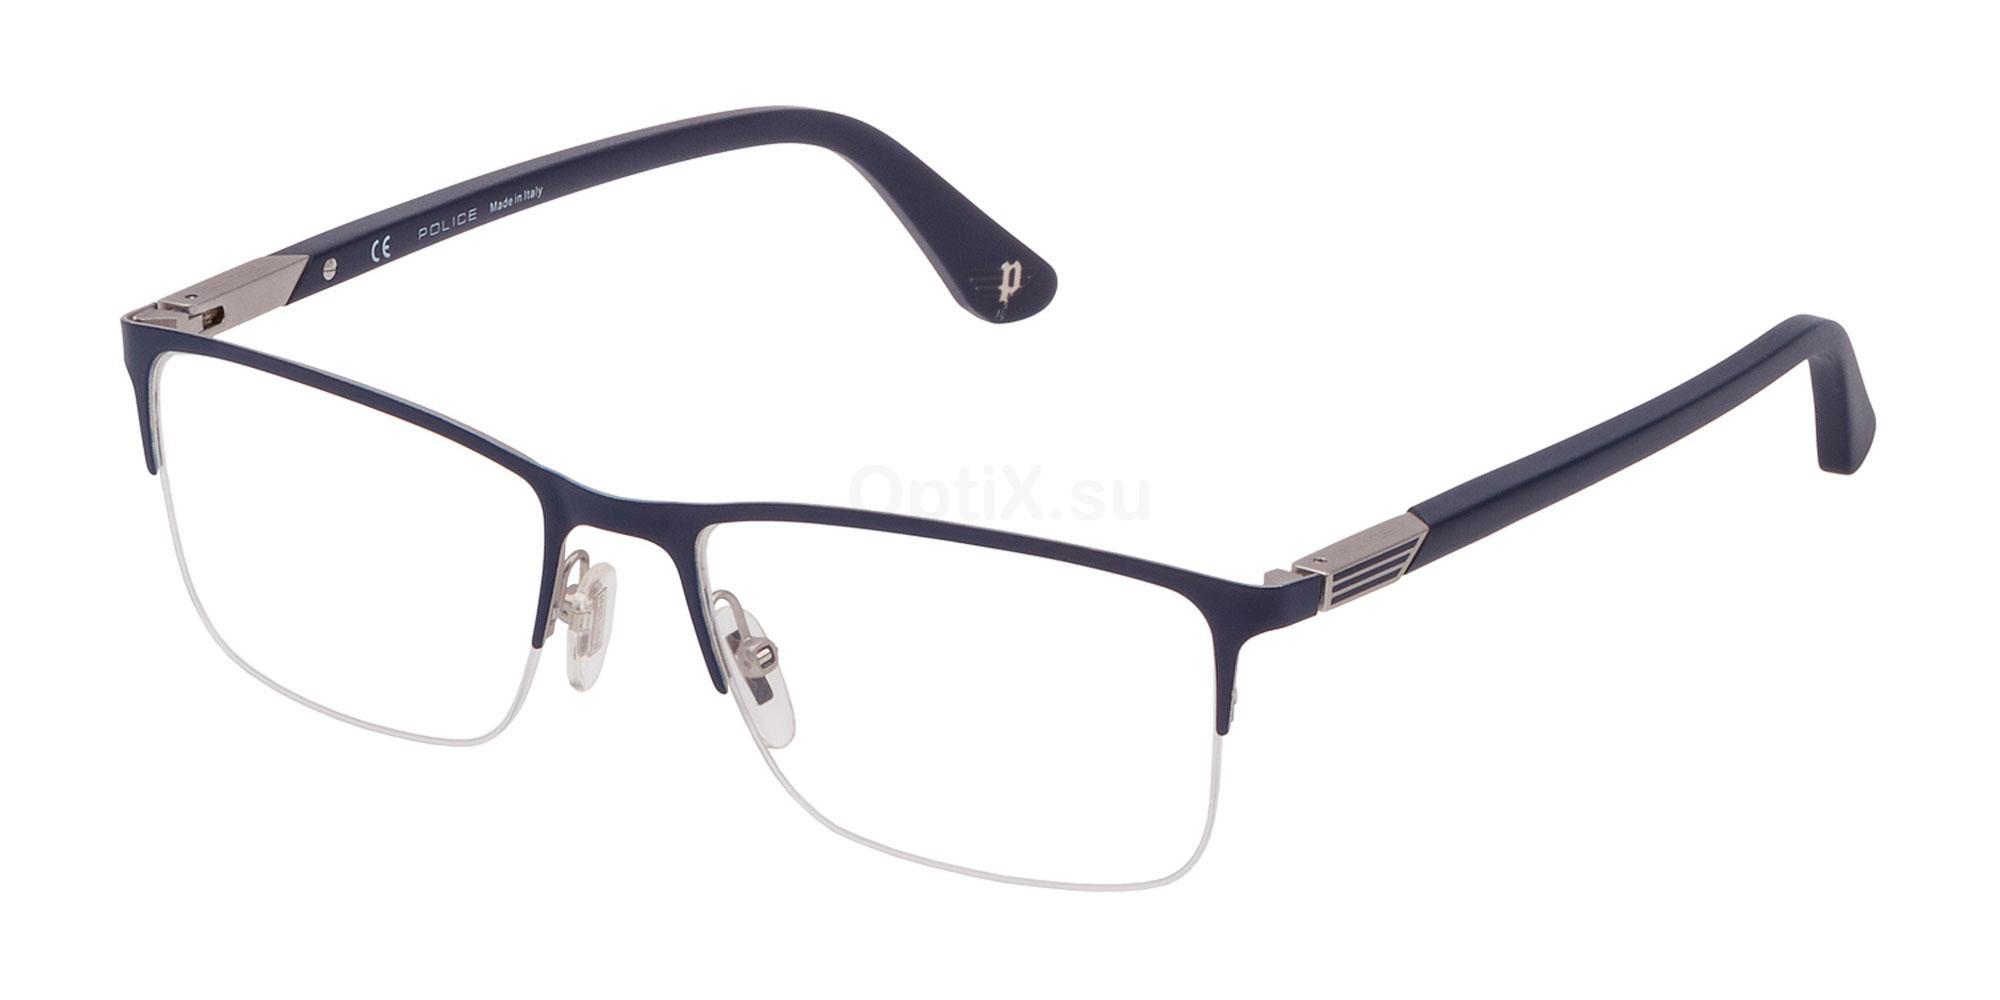 0502 VPL884 Glasses, Police